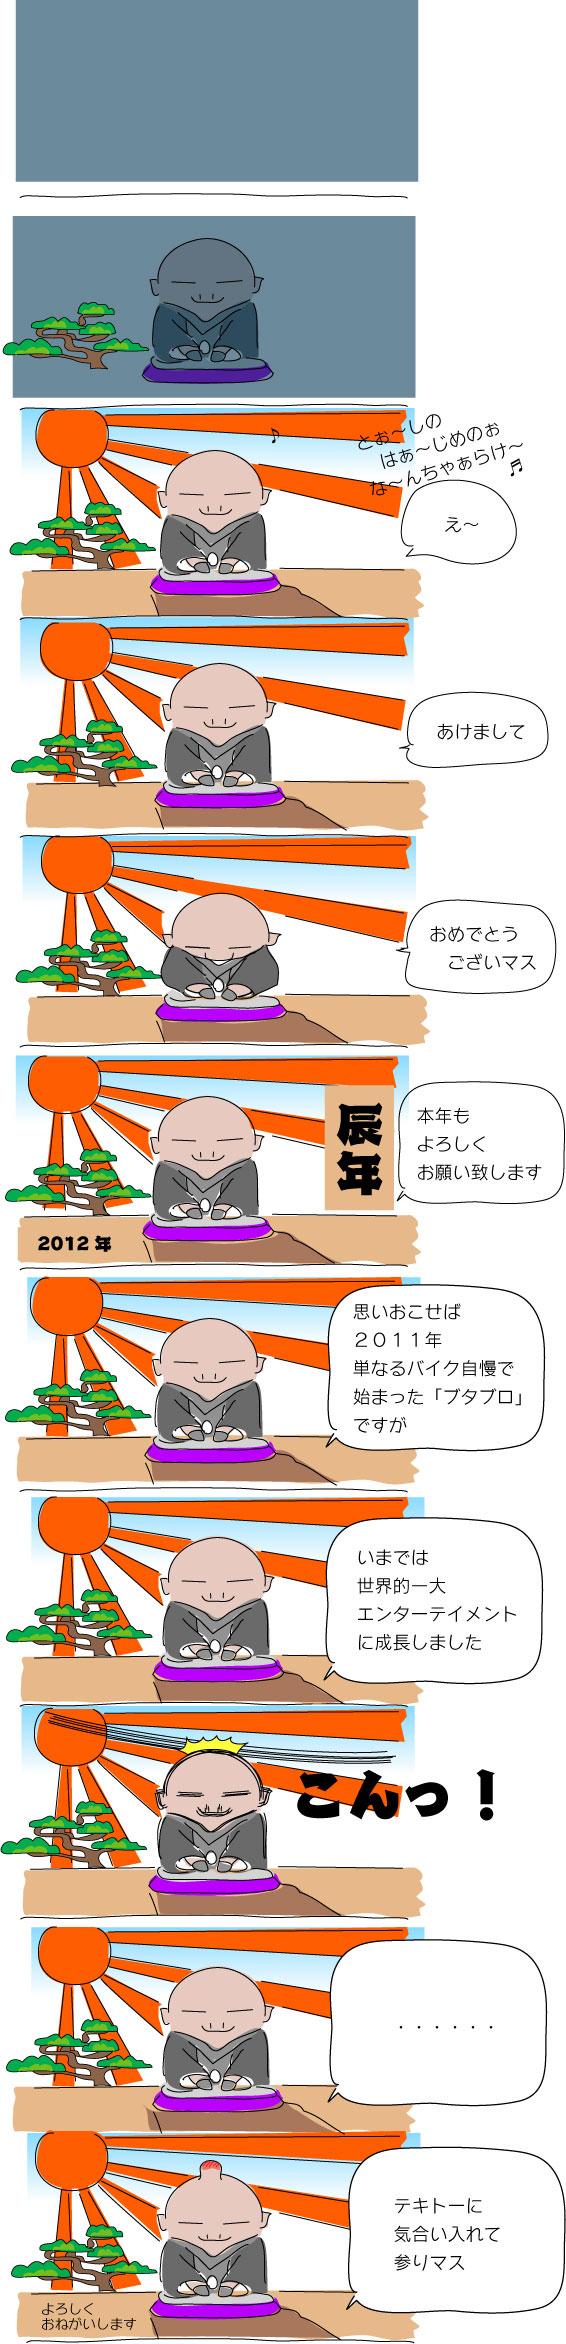 2012新年ご挨拶